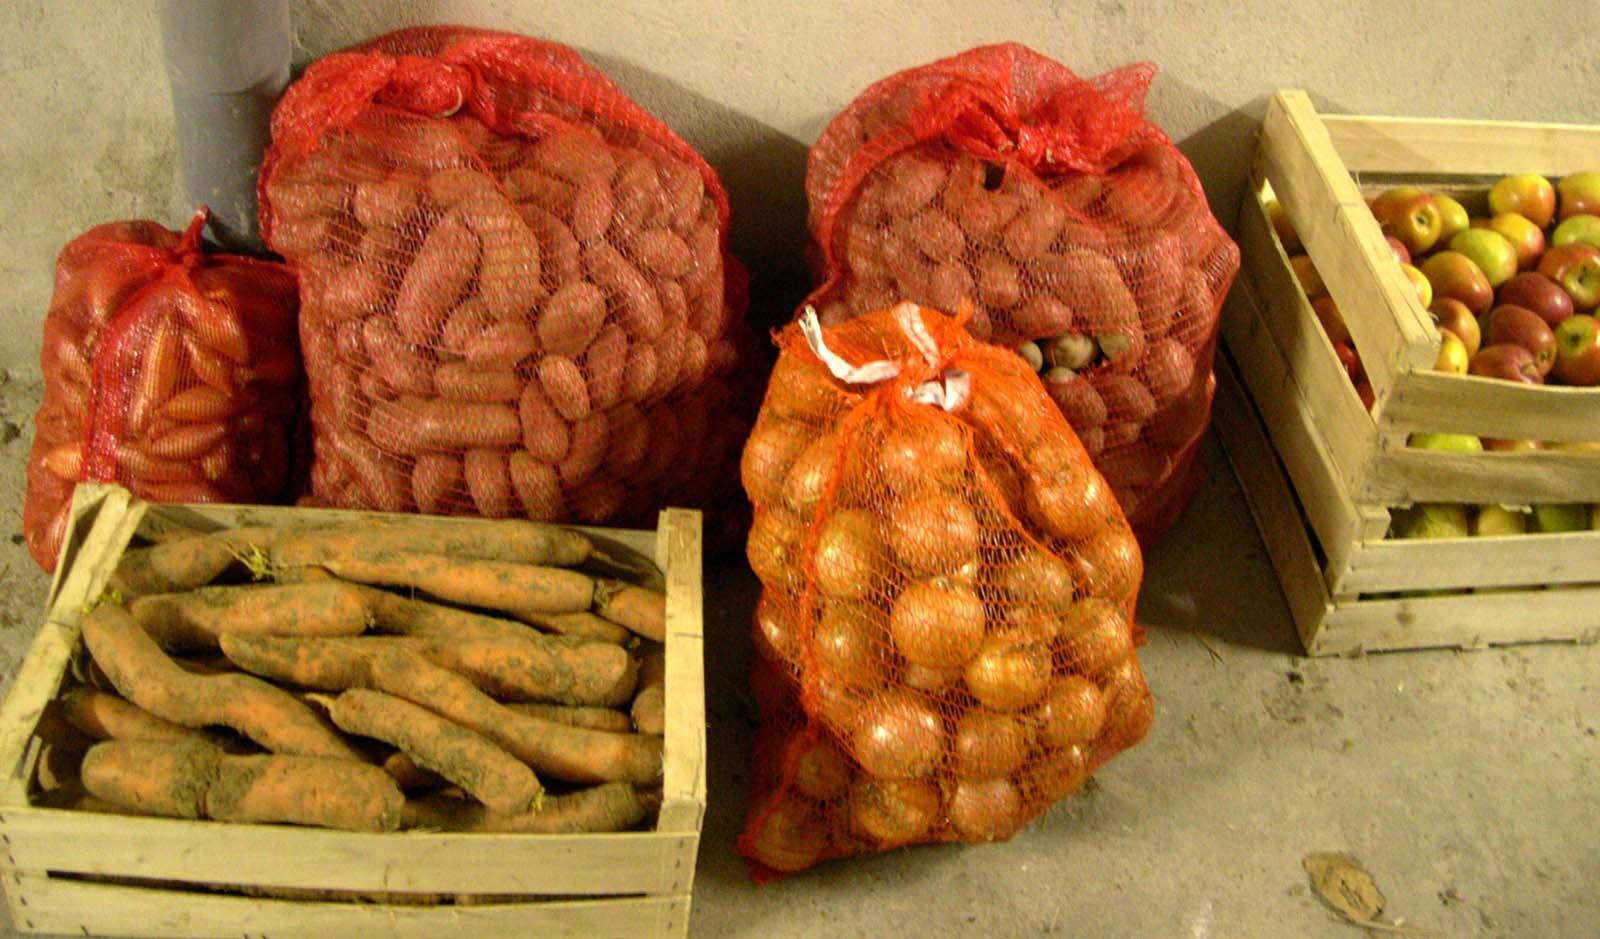 Prix Caisse A Pomme c'est moi qui l'ai fait !: 50 kg de pommes de terre